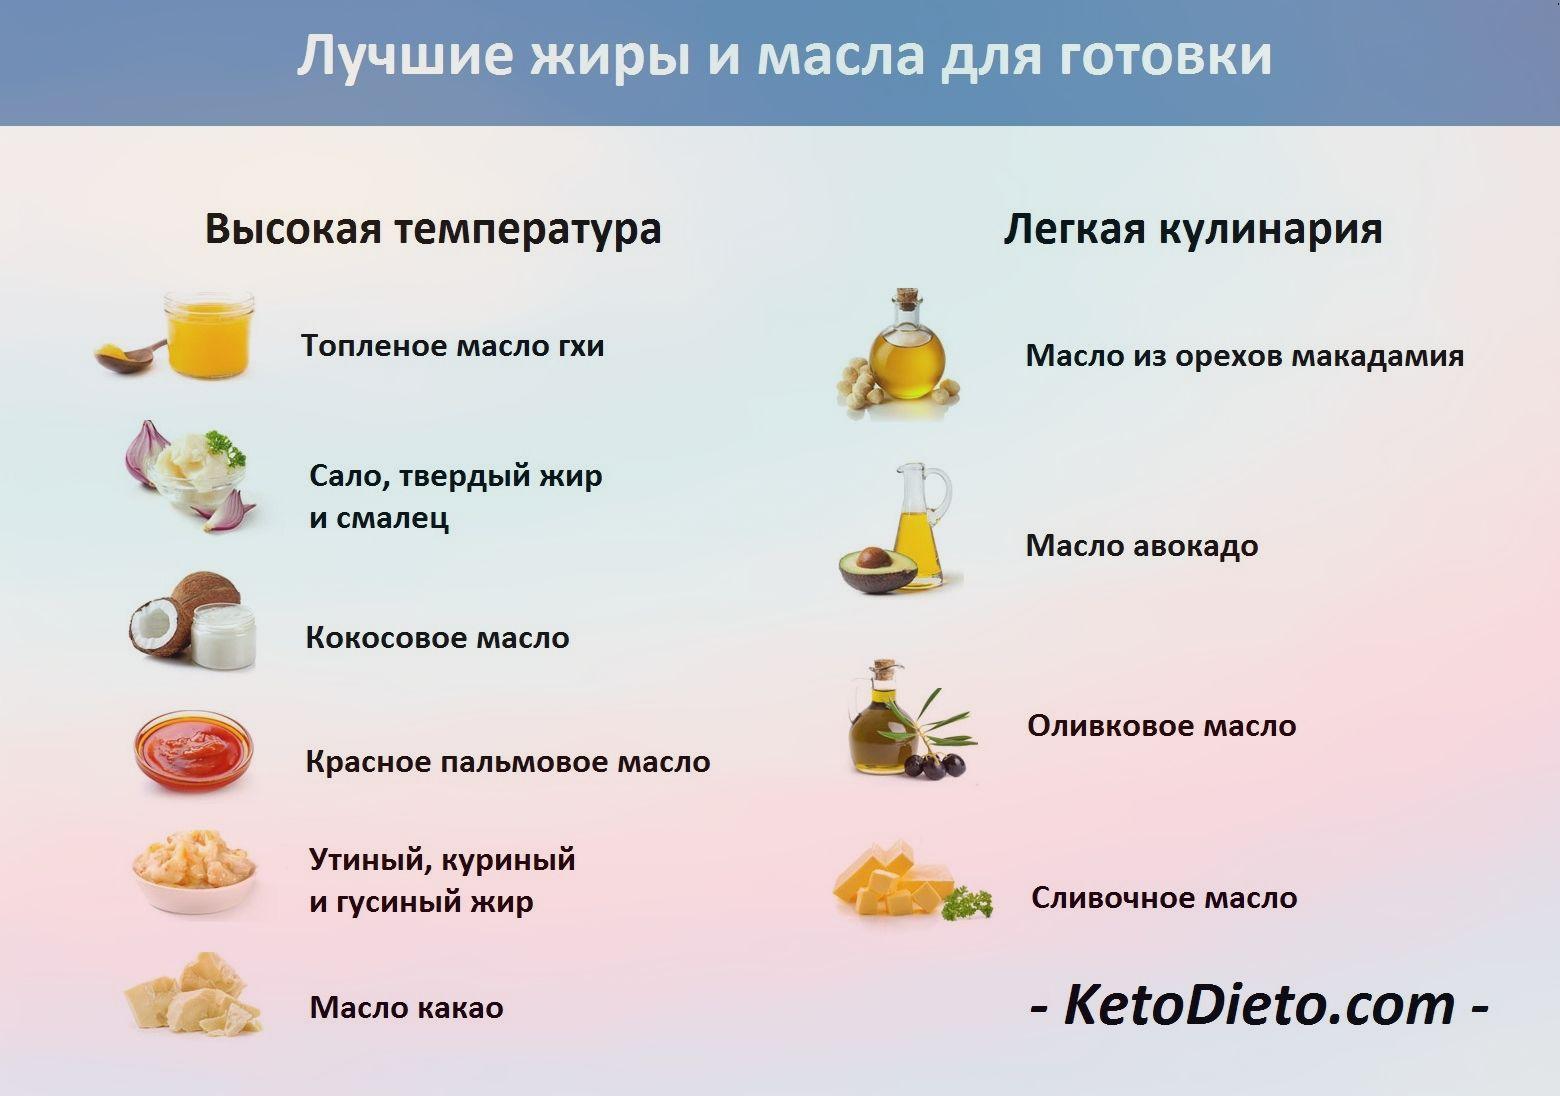 Кето-диета: меню на 7 дней и топ продуктов для похудения